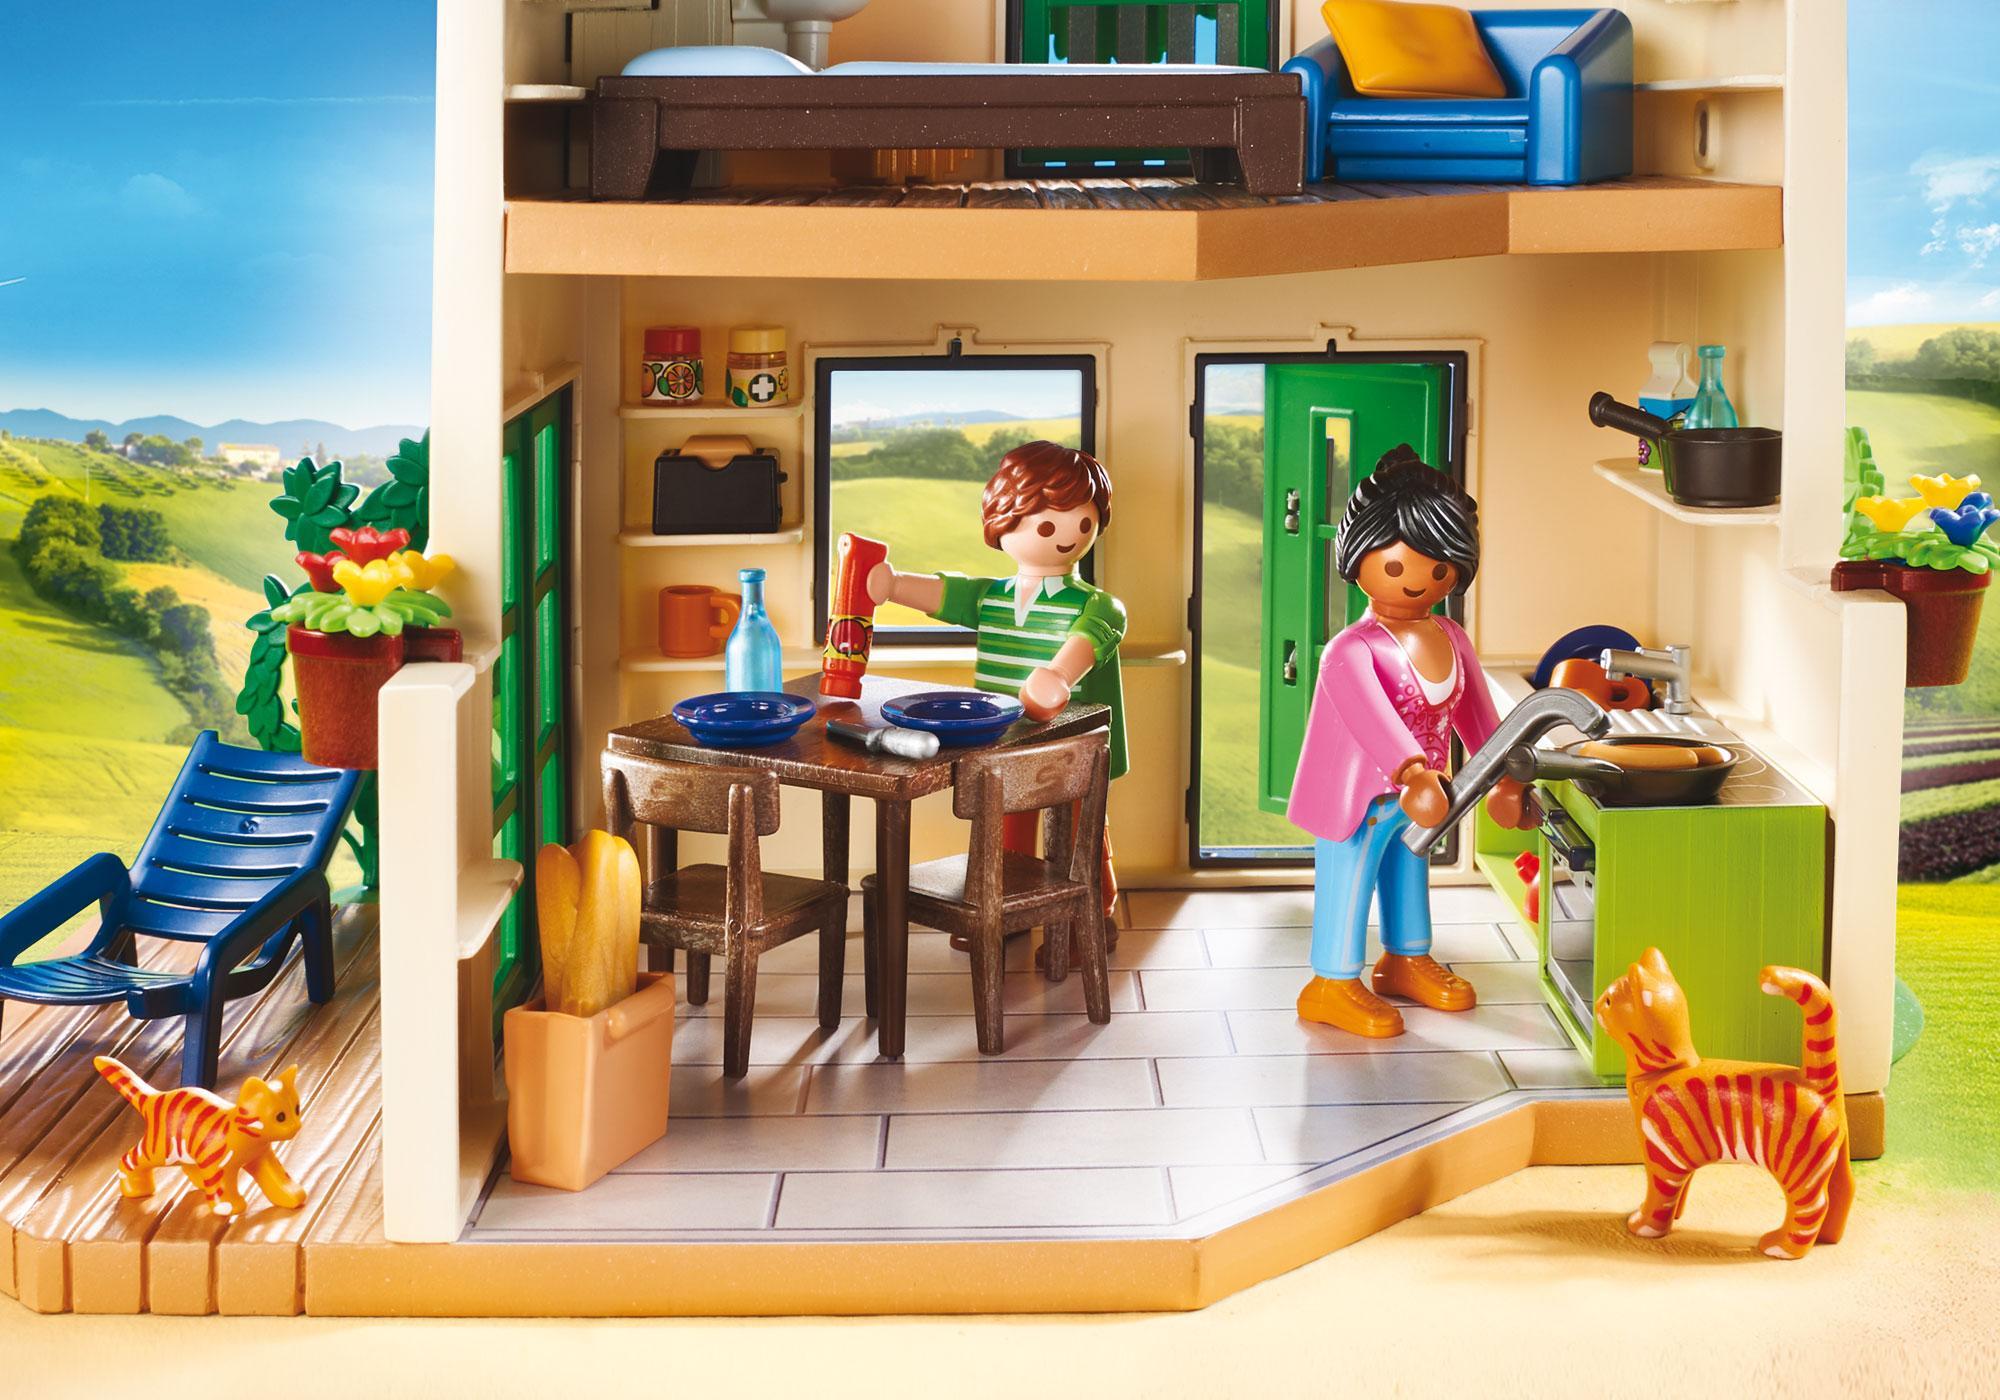 http://media.playmobil.com/i/playmobil/70133_product_extra1/Bauernhaus